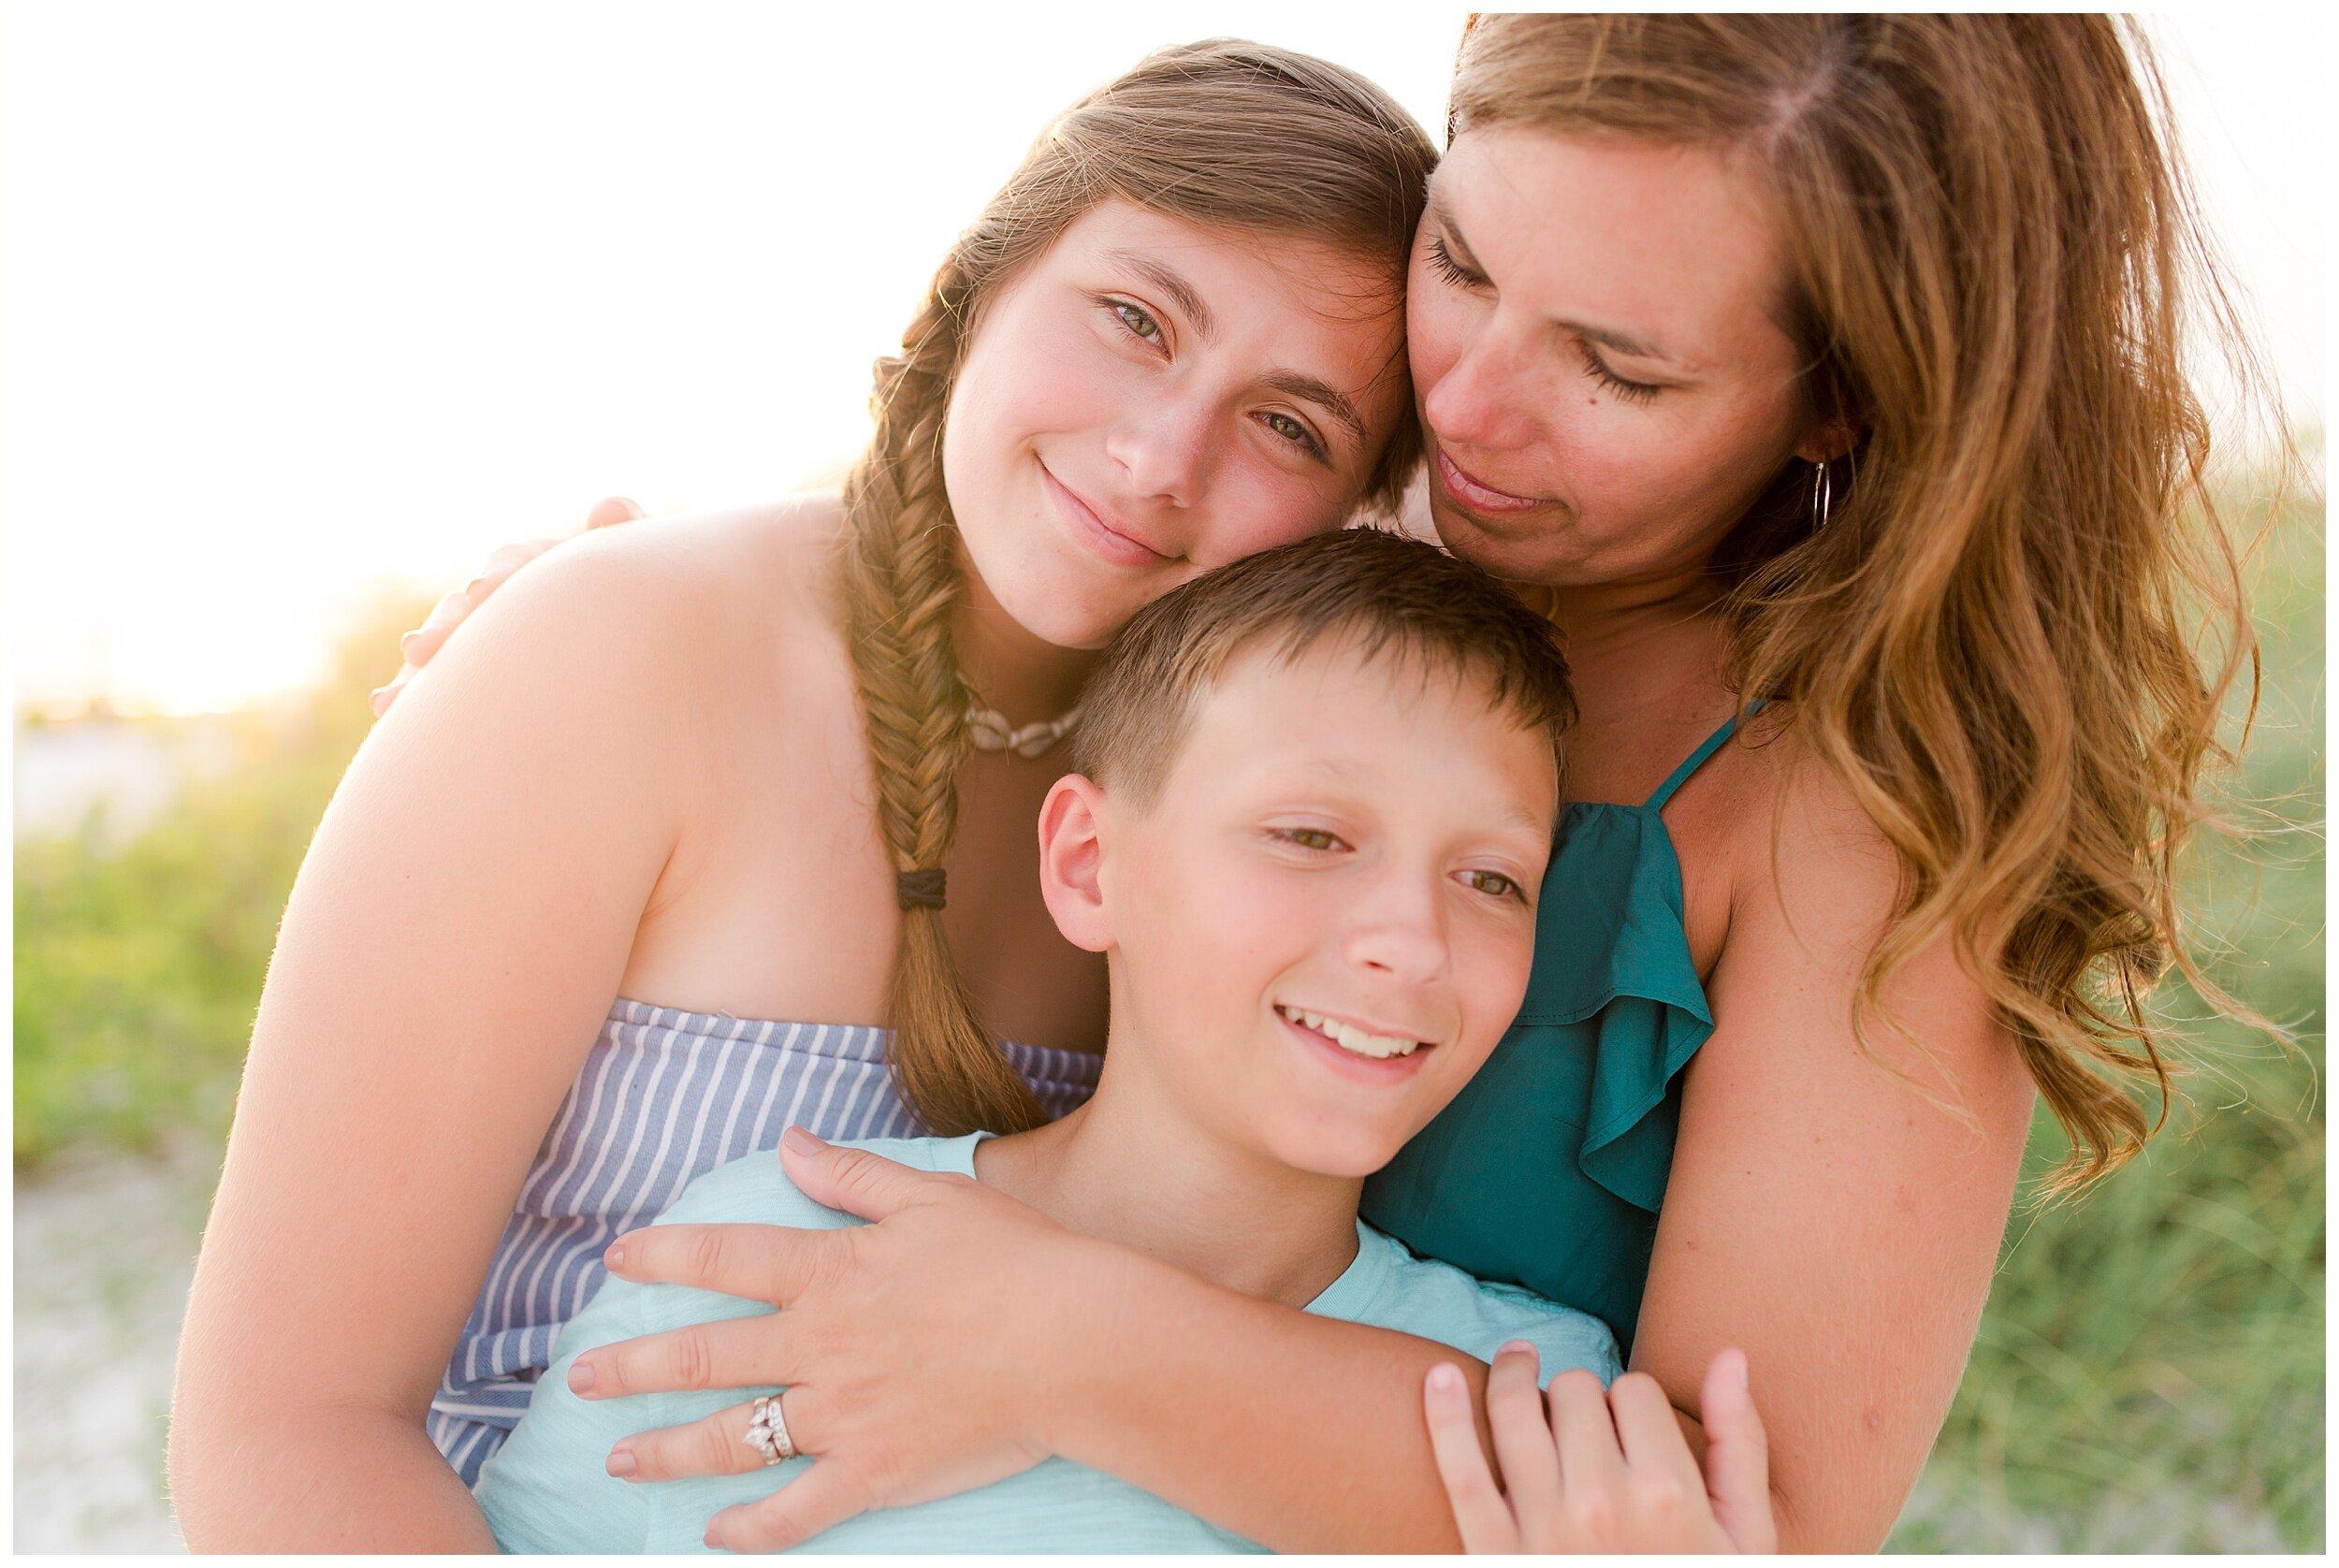 lexington-ky-family-lifestyle-photographer-priscilla-baierlein_1685.jpg